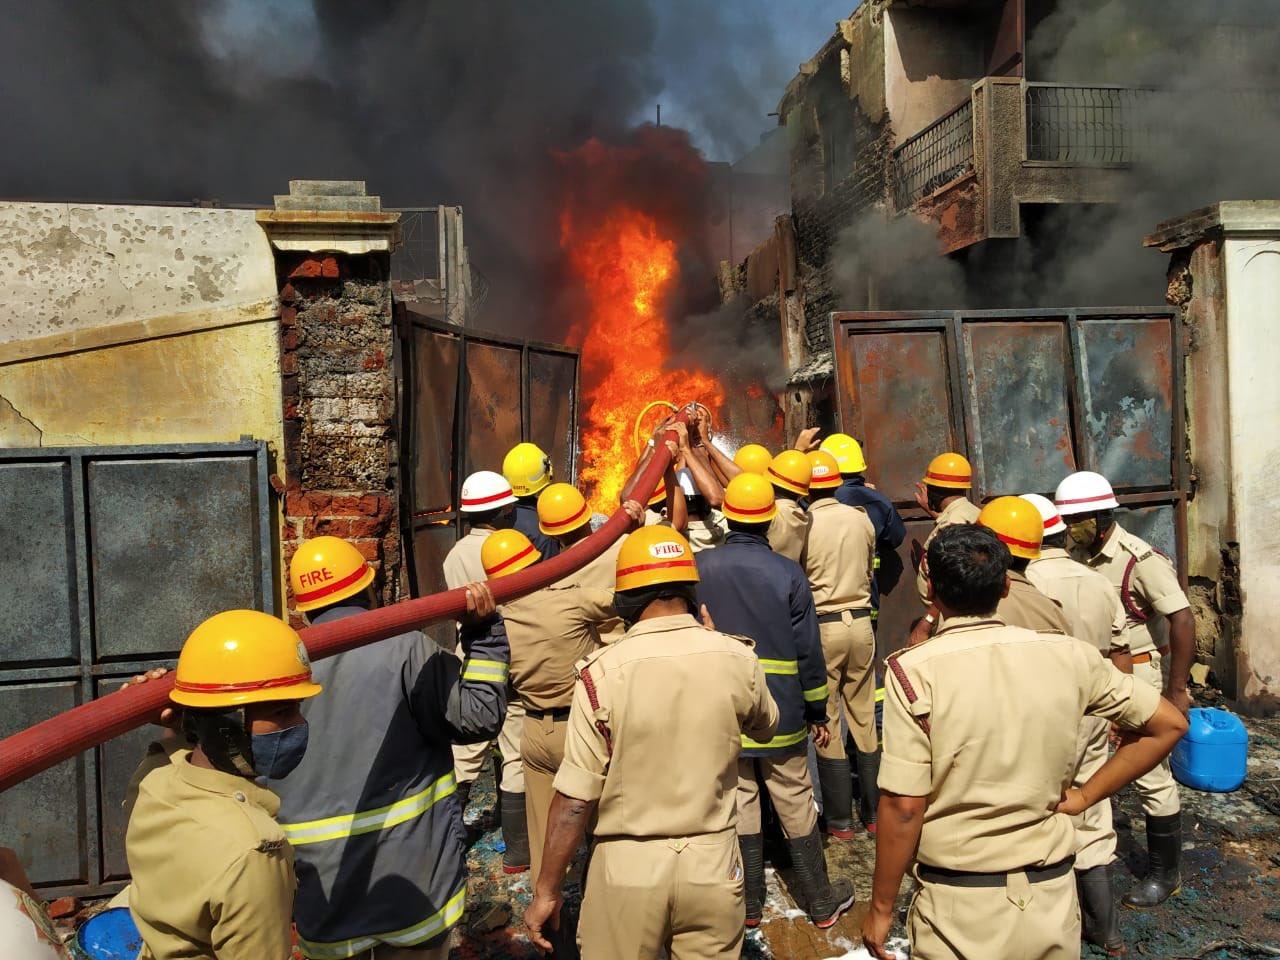 Bapujinagar Fire